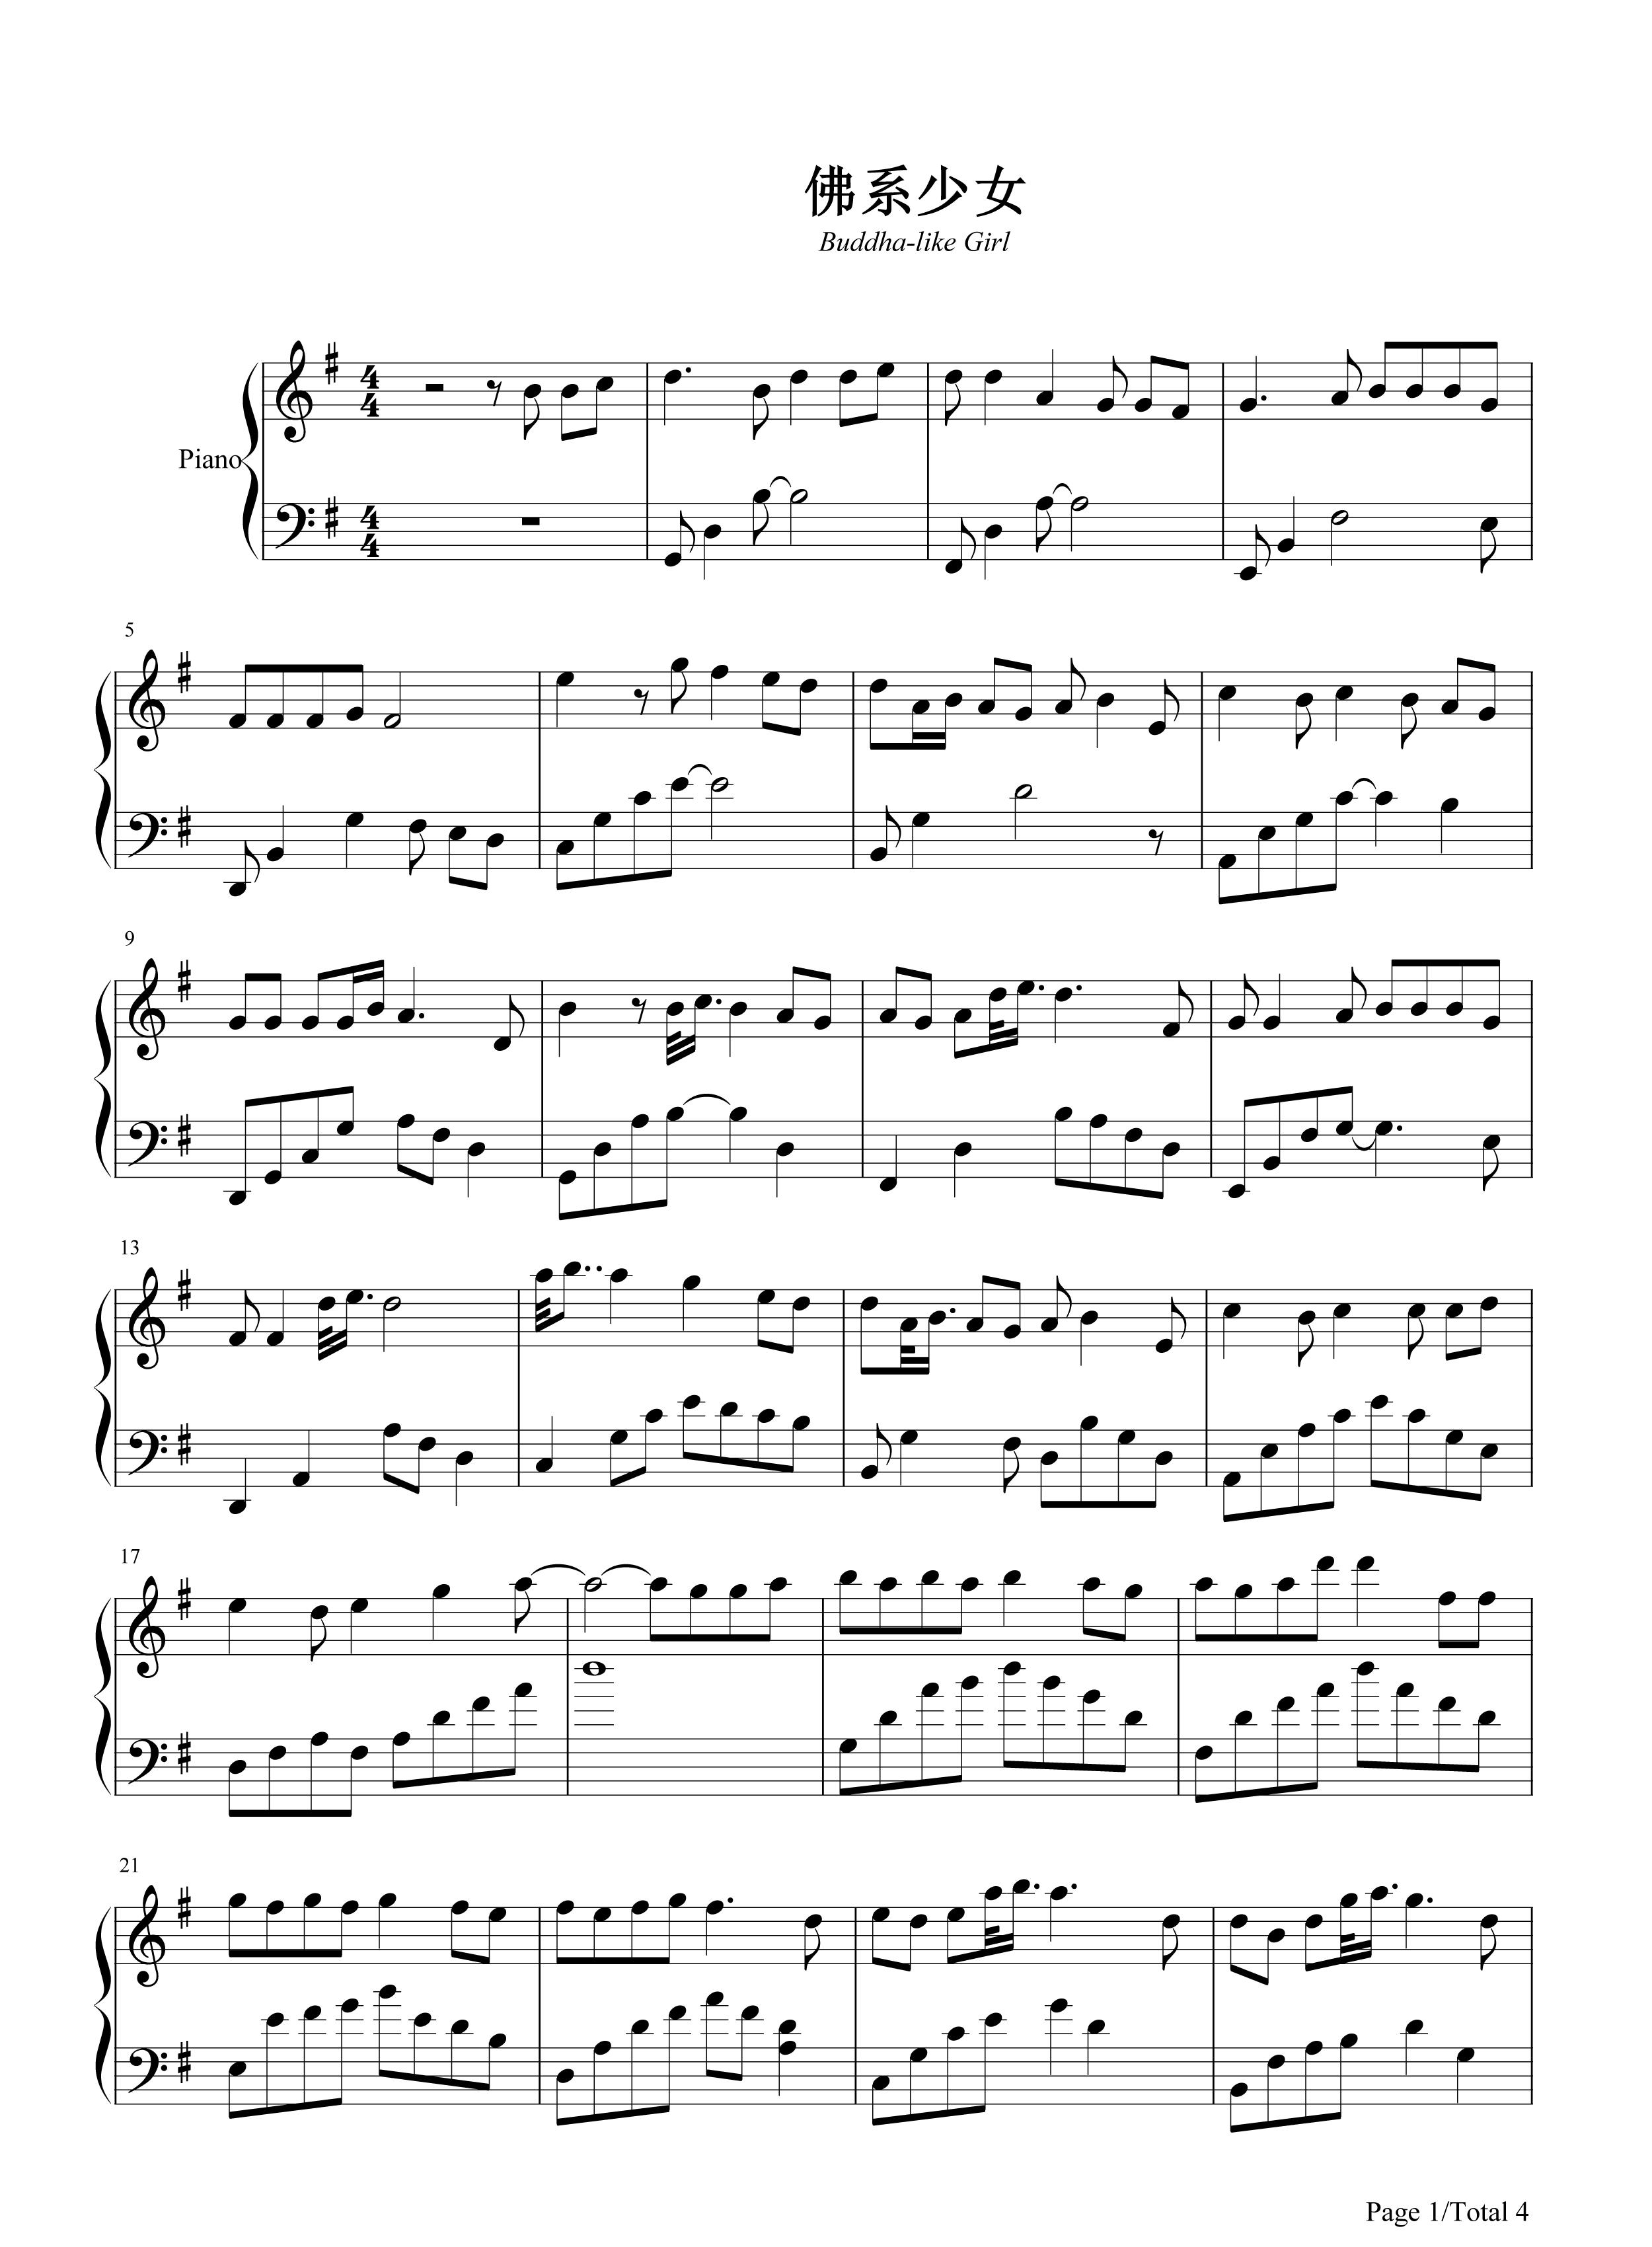 冯提莫佛系少女钢琴谱五线谱 歌词大全 表情